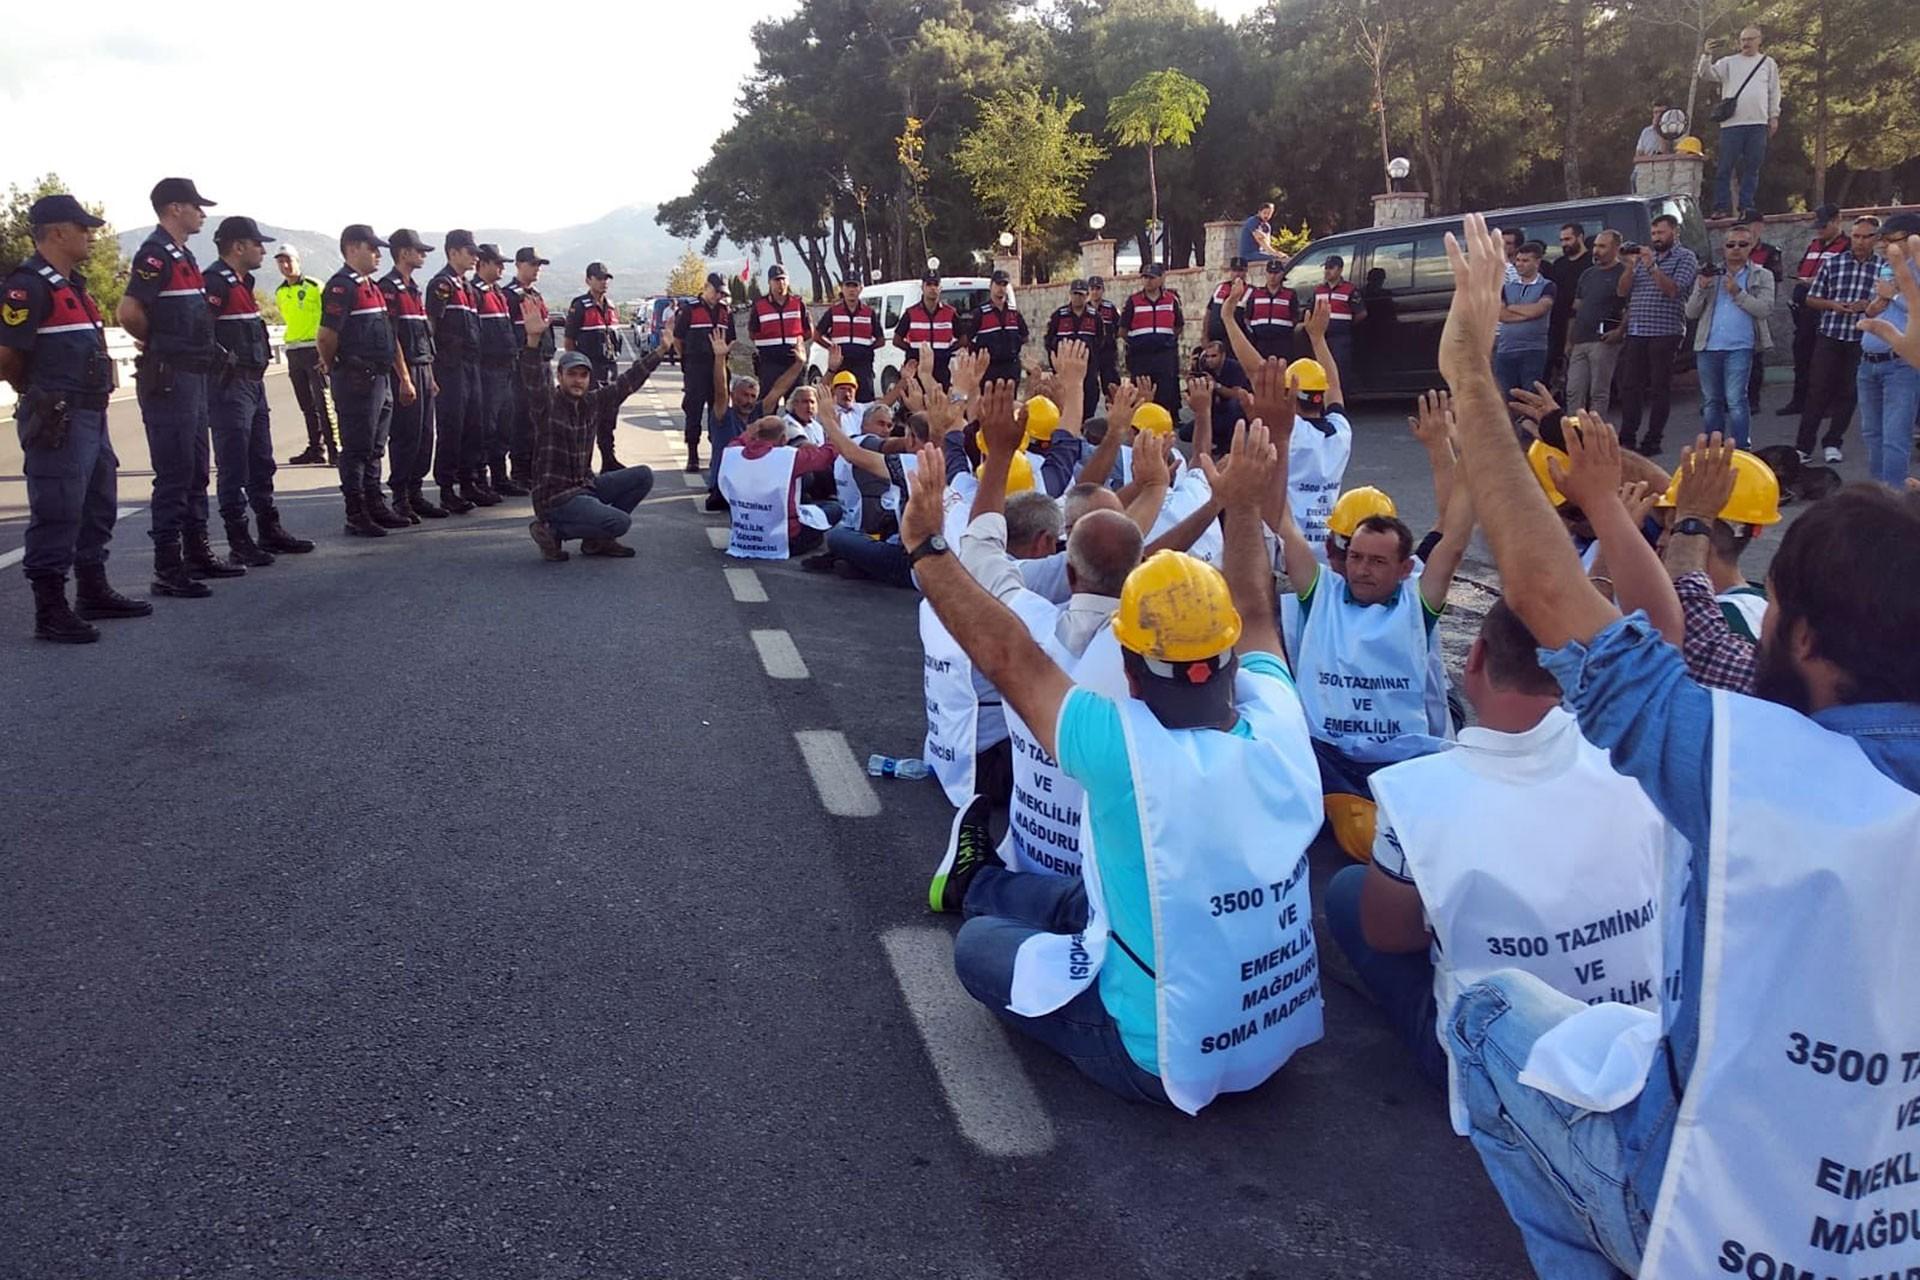 Maden işçilerinin anayasal haklarını kullanmaları kimin güvenliğini tehlikeye atıyor?